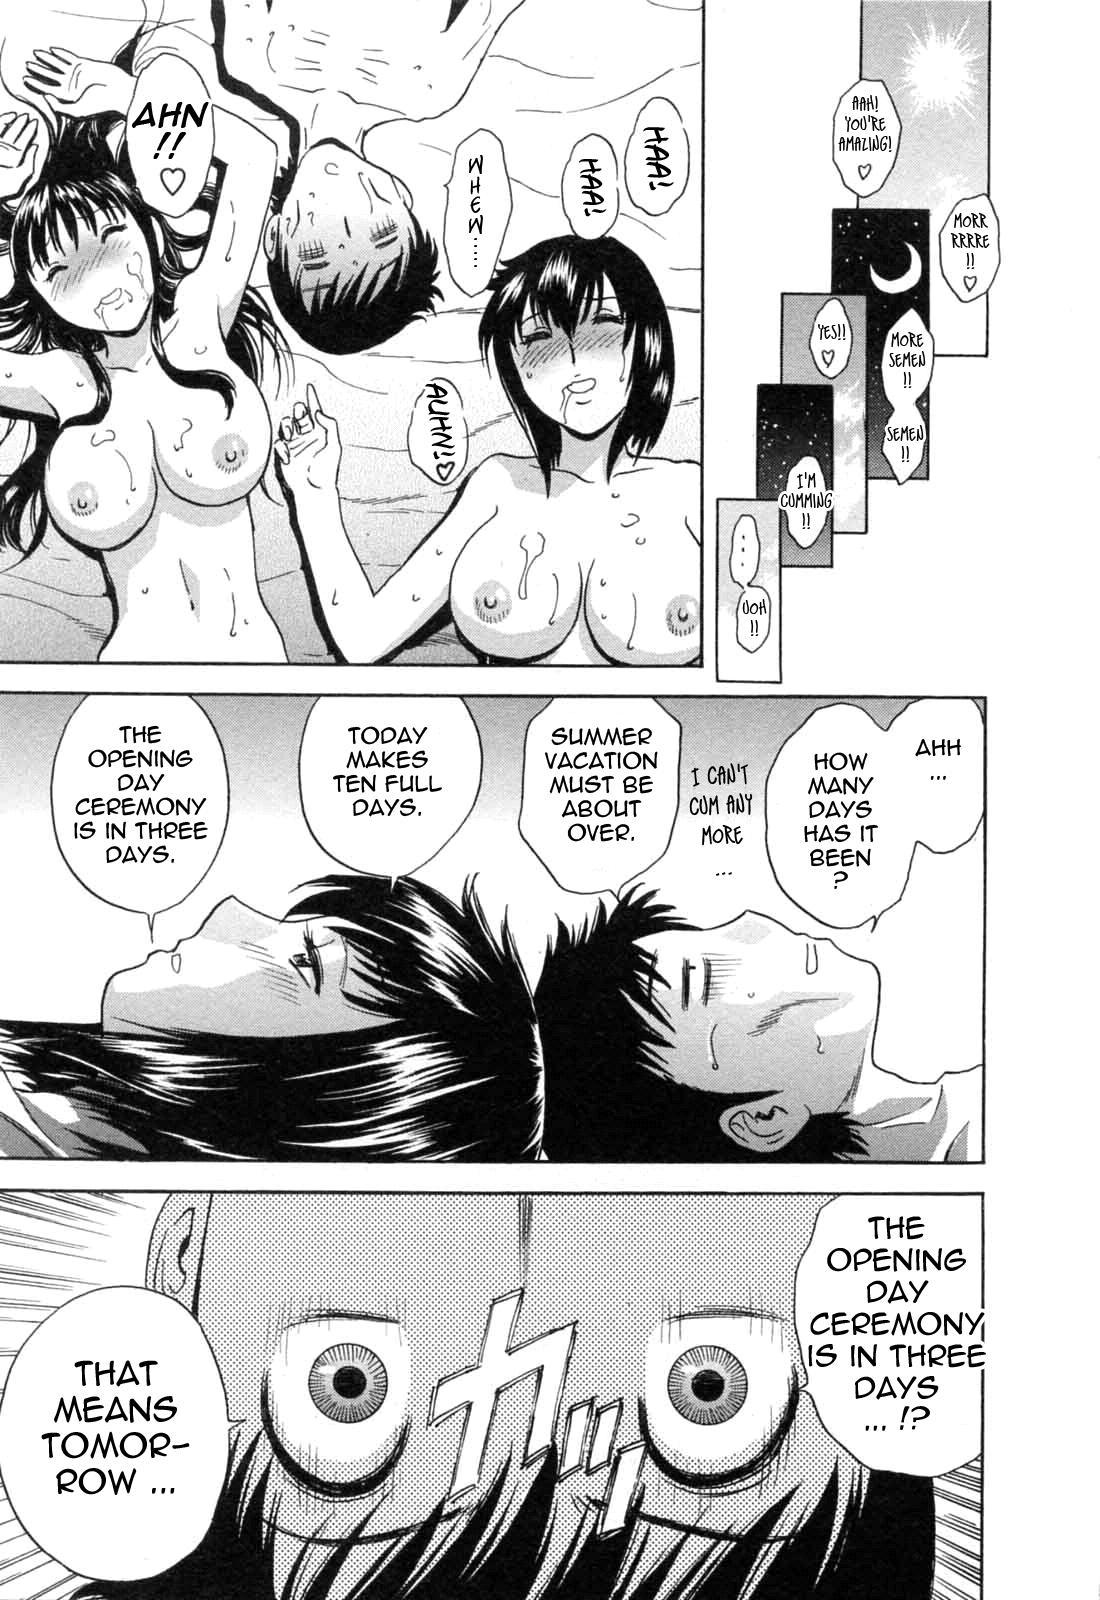 [Hidemaru] Mo-Retsu! Boin Sensei (Boing Boing Teacher) Vol.5 [English] [4dawgz] [Tadanohito] 149